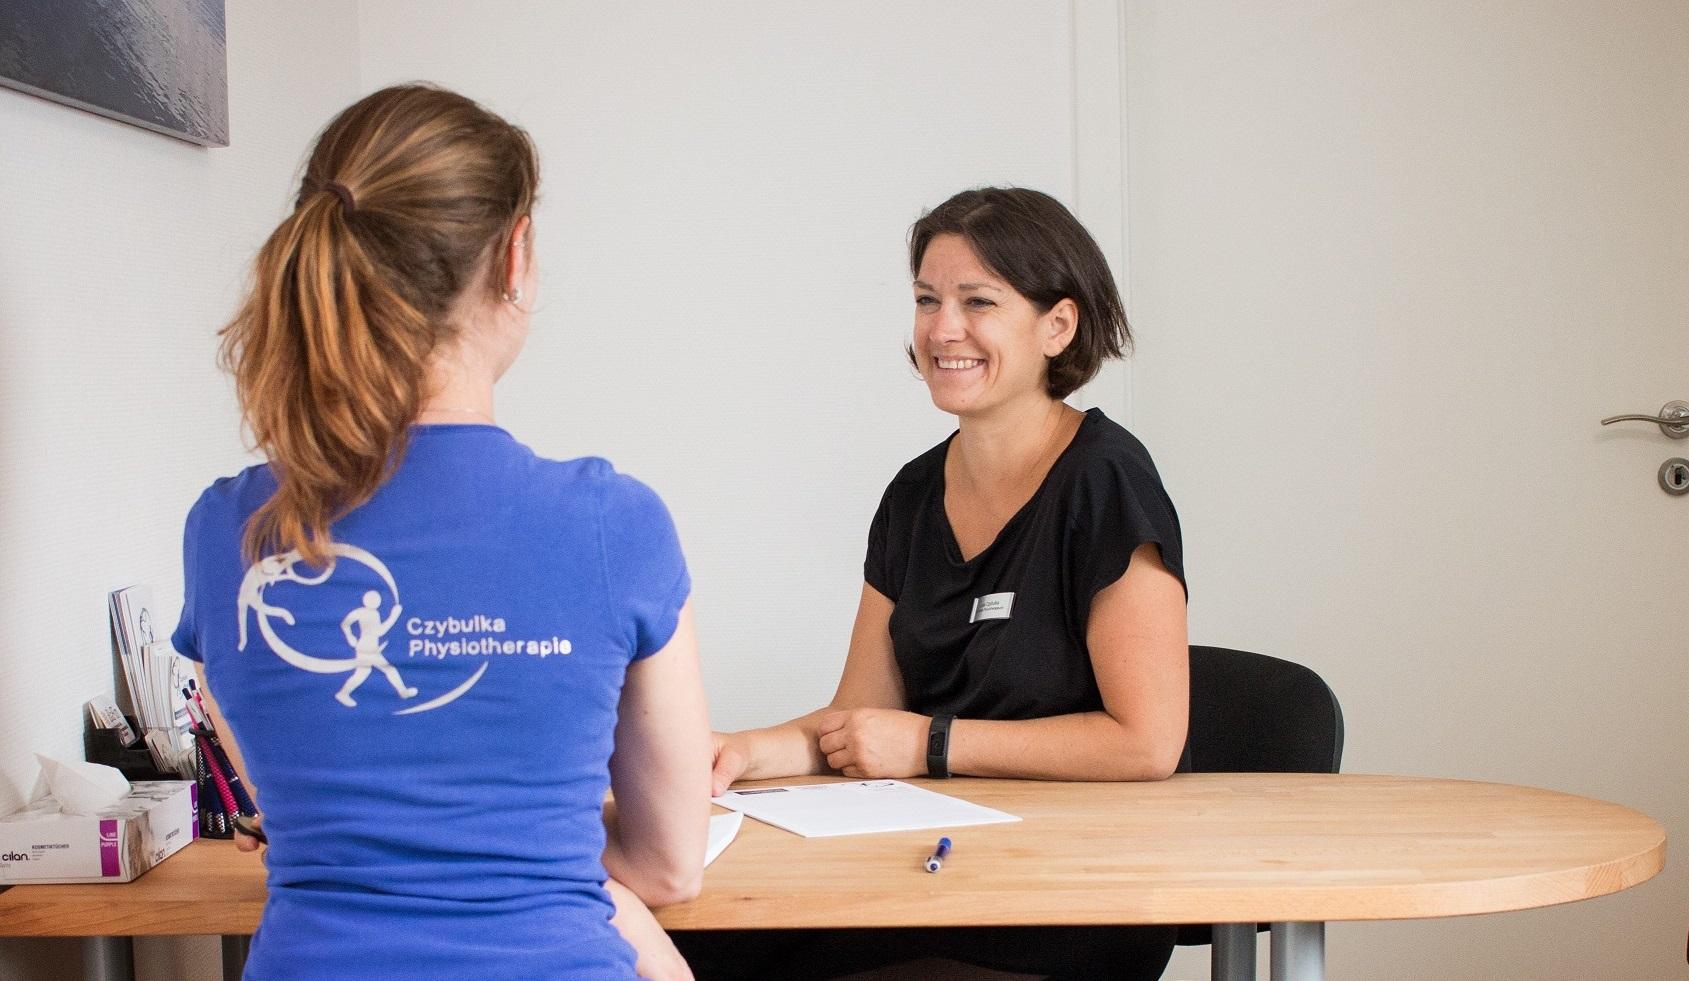 Lea Czybulka im Gespräch mit einer Mitarbeiterin.